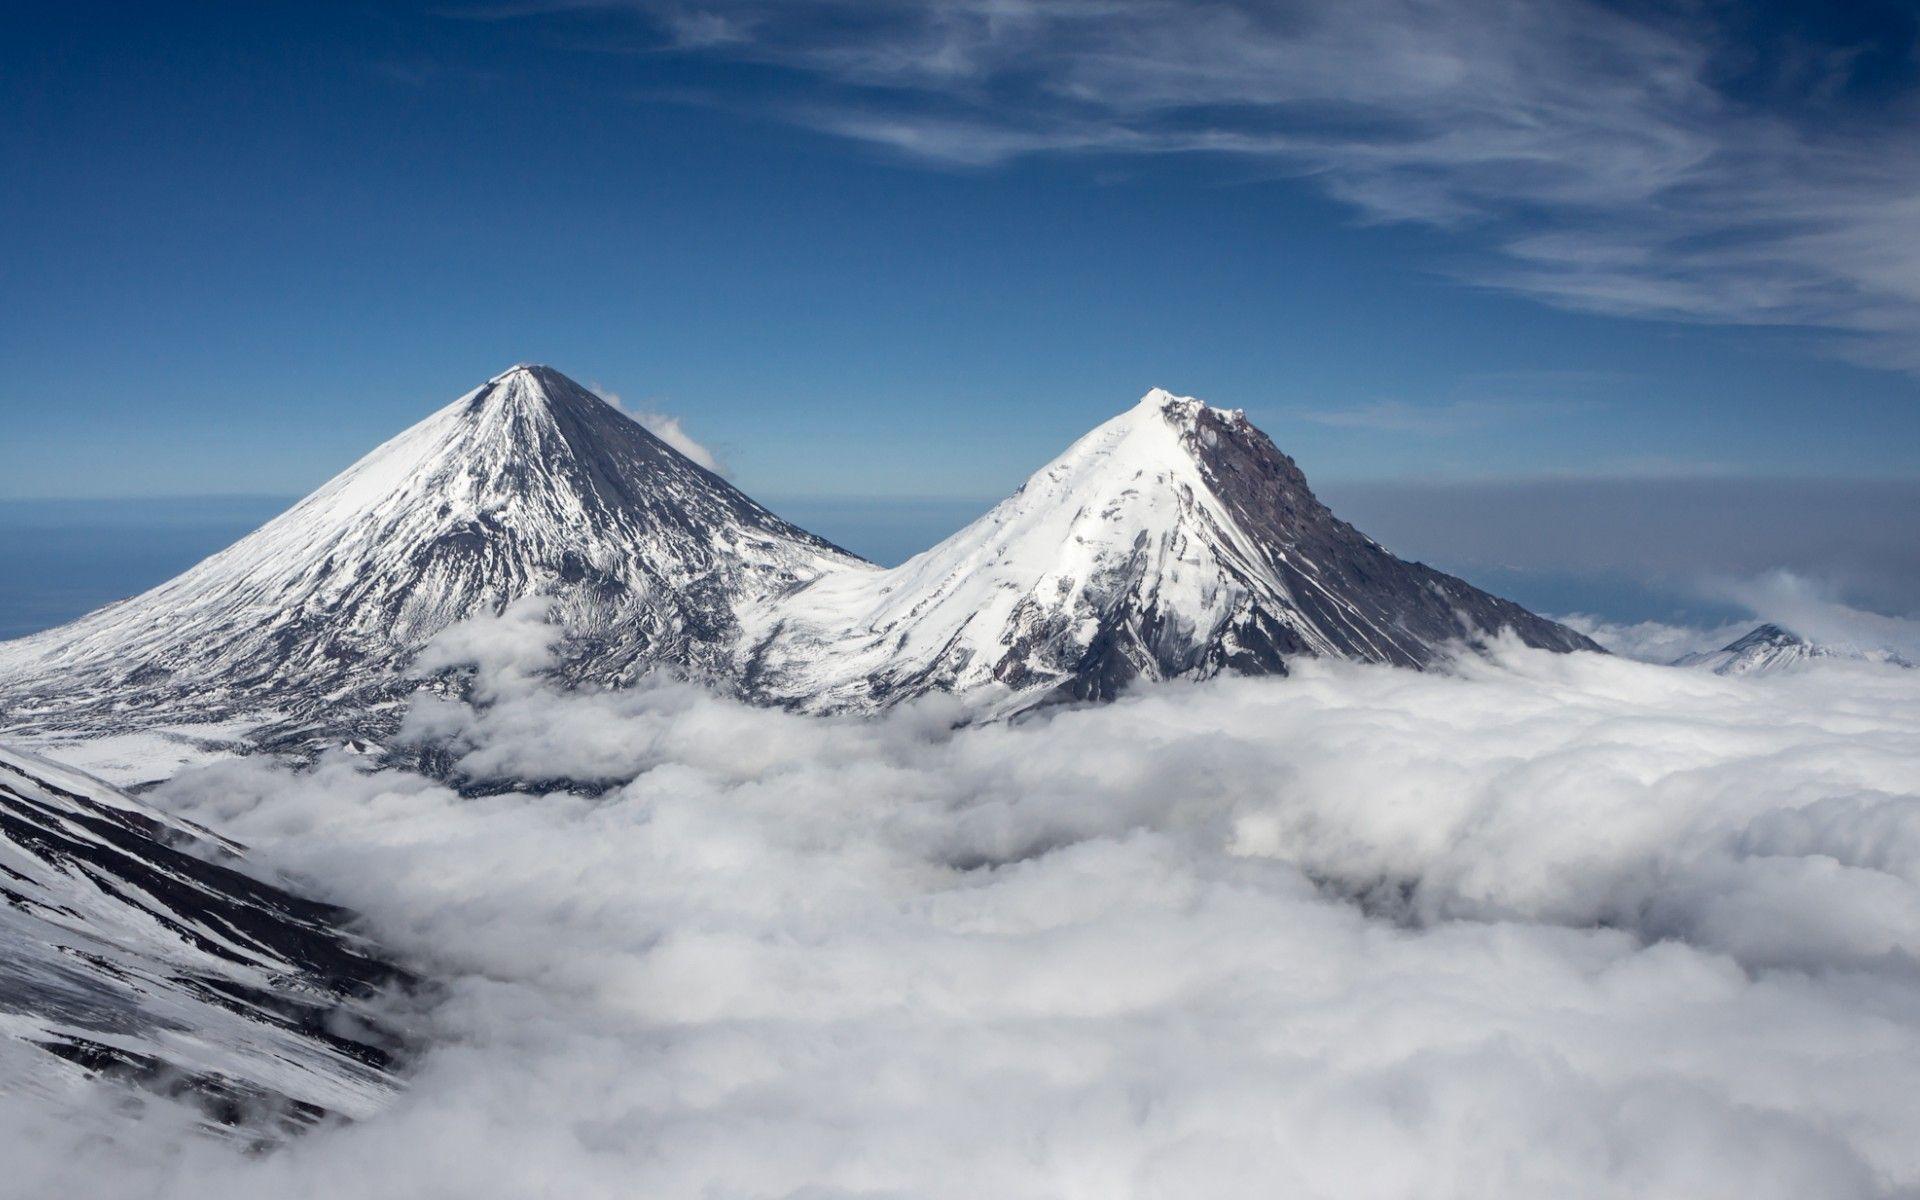 Montaña Nevada Hd: Fondo De Pantalla Montanas Con Cumbres Nevadas HD